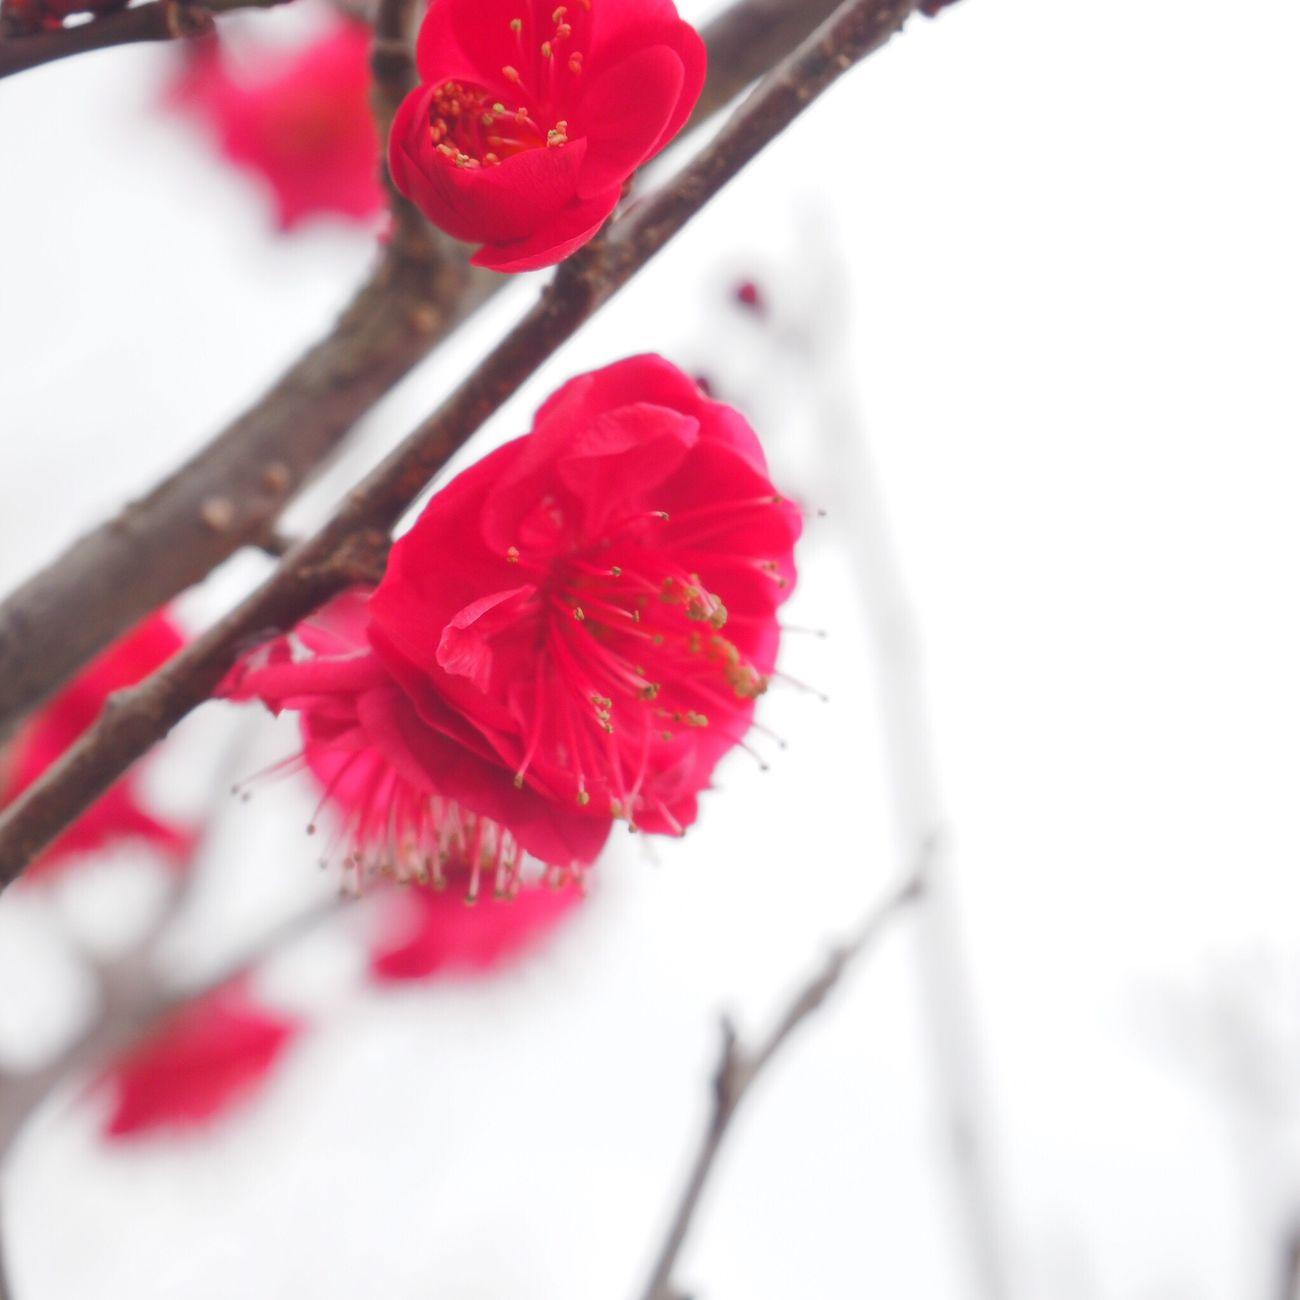 鹿児島紅 という品種の梅 濃い赤だった Pulm Flower Red Flower